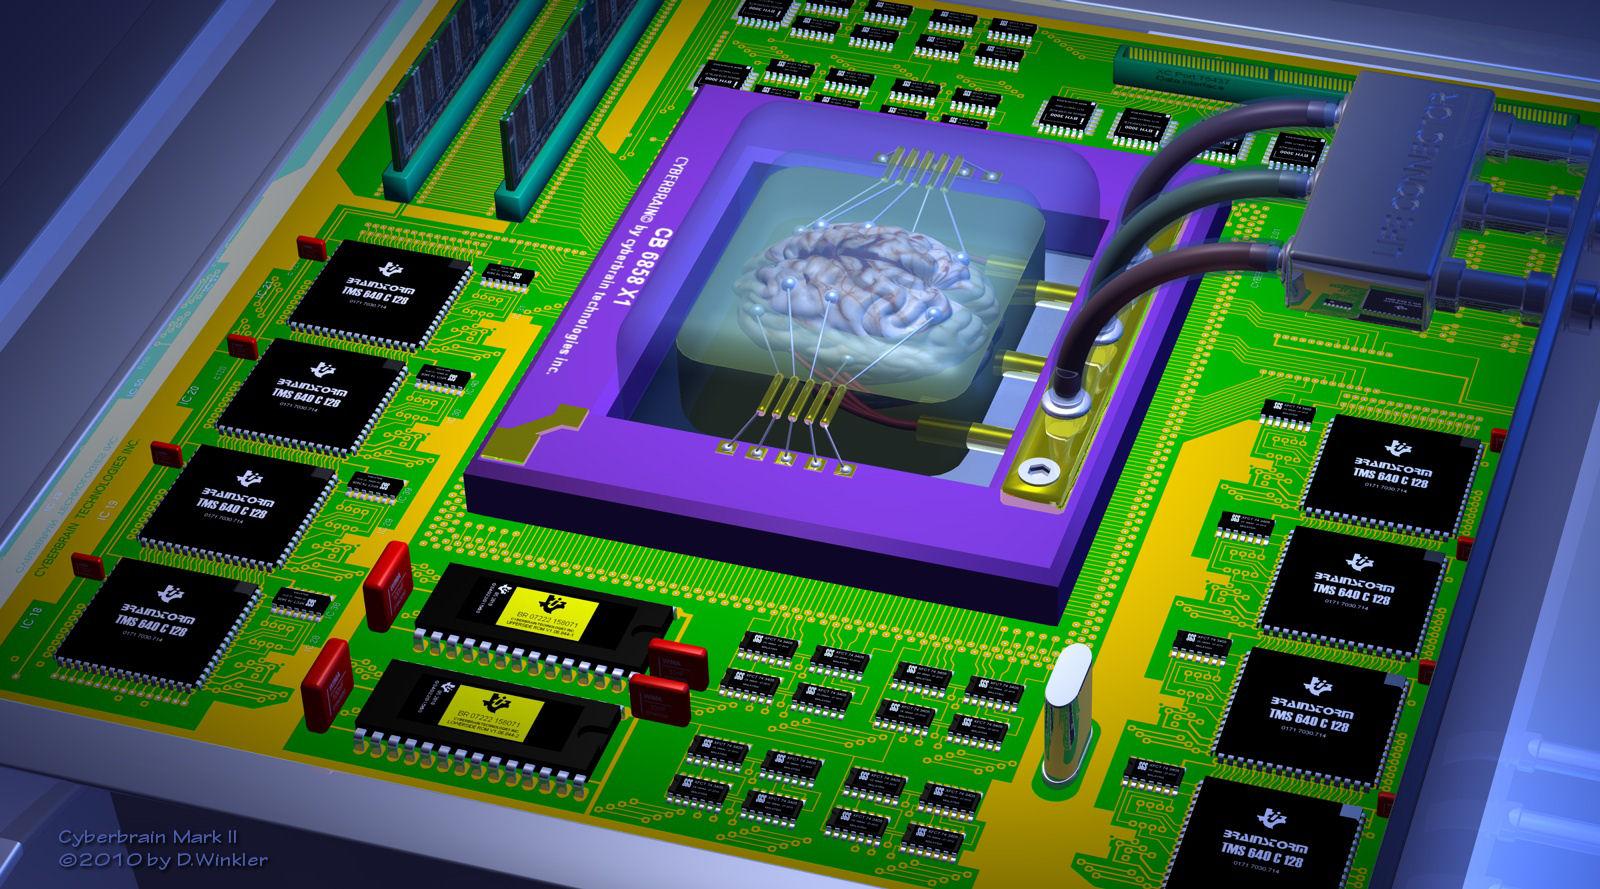 Cyberbrain MK II